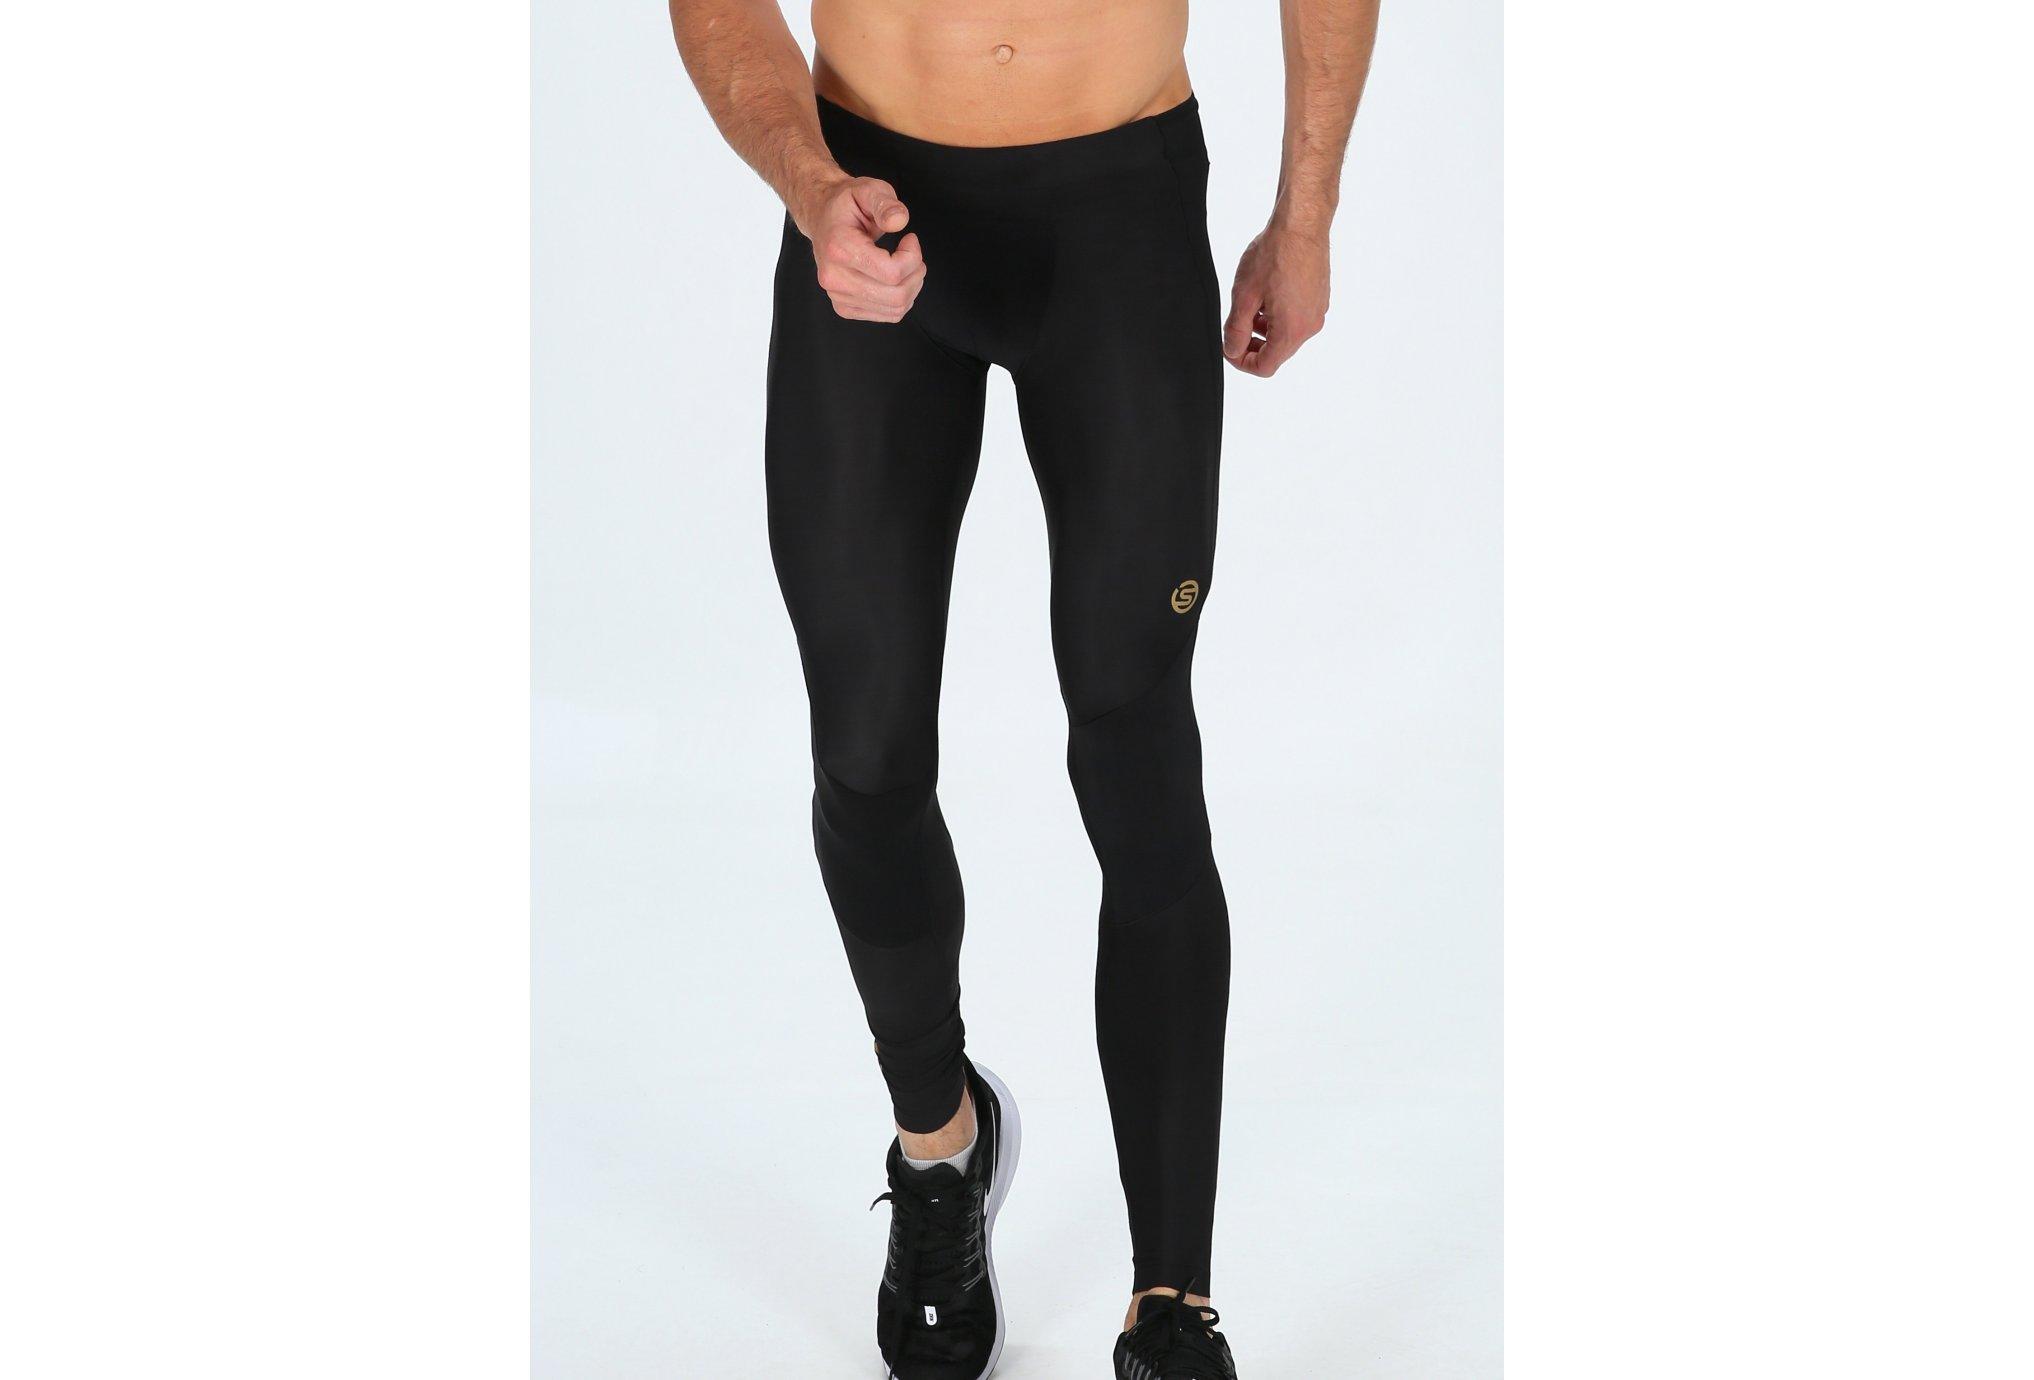 Skins Active 400 m diététique vêtements homme